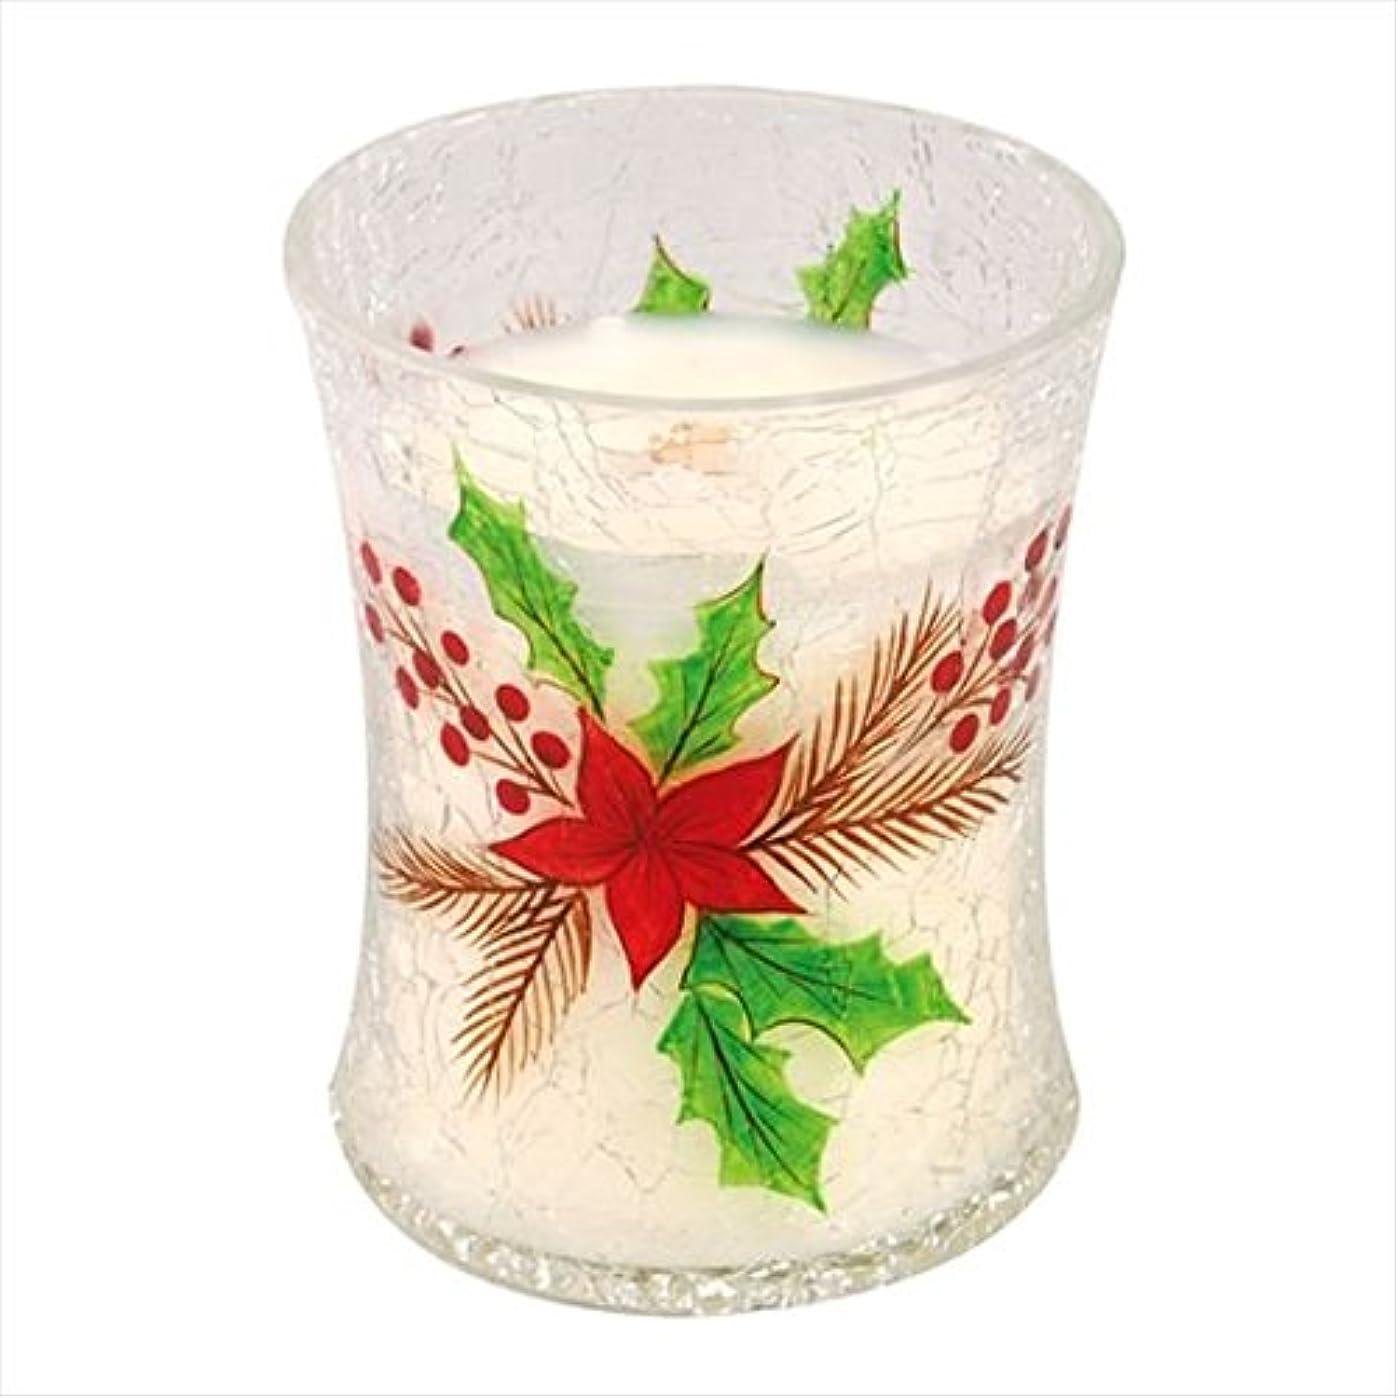 ベテラン見込み危険を冒しますWoodWick(ウッドウィック) Wood WickディーカルクラックジャーM 「 クリスマスケーキ 」(W924050706)